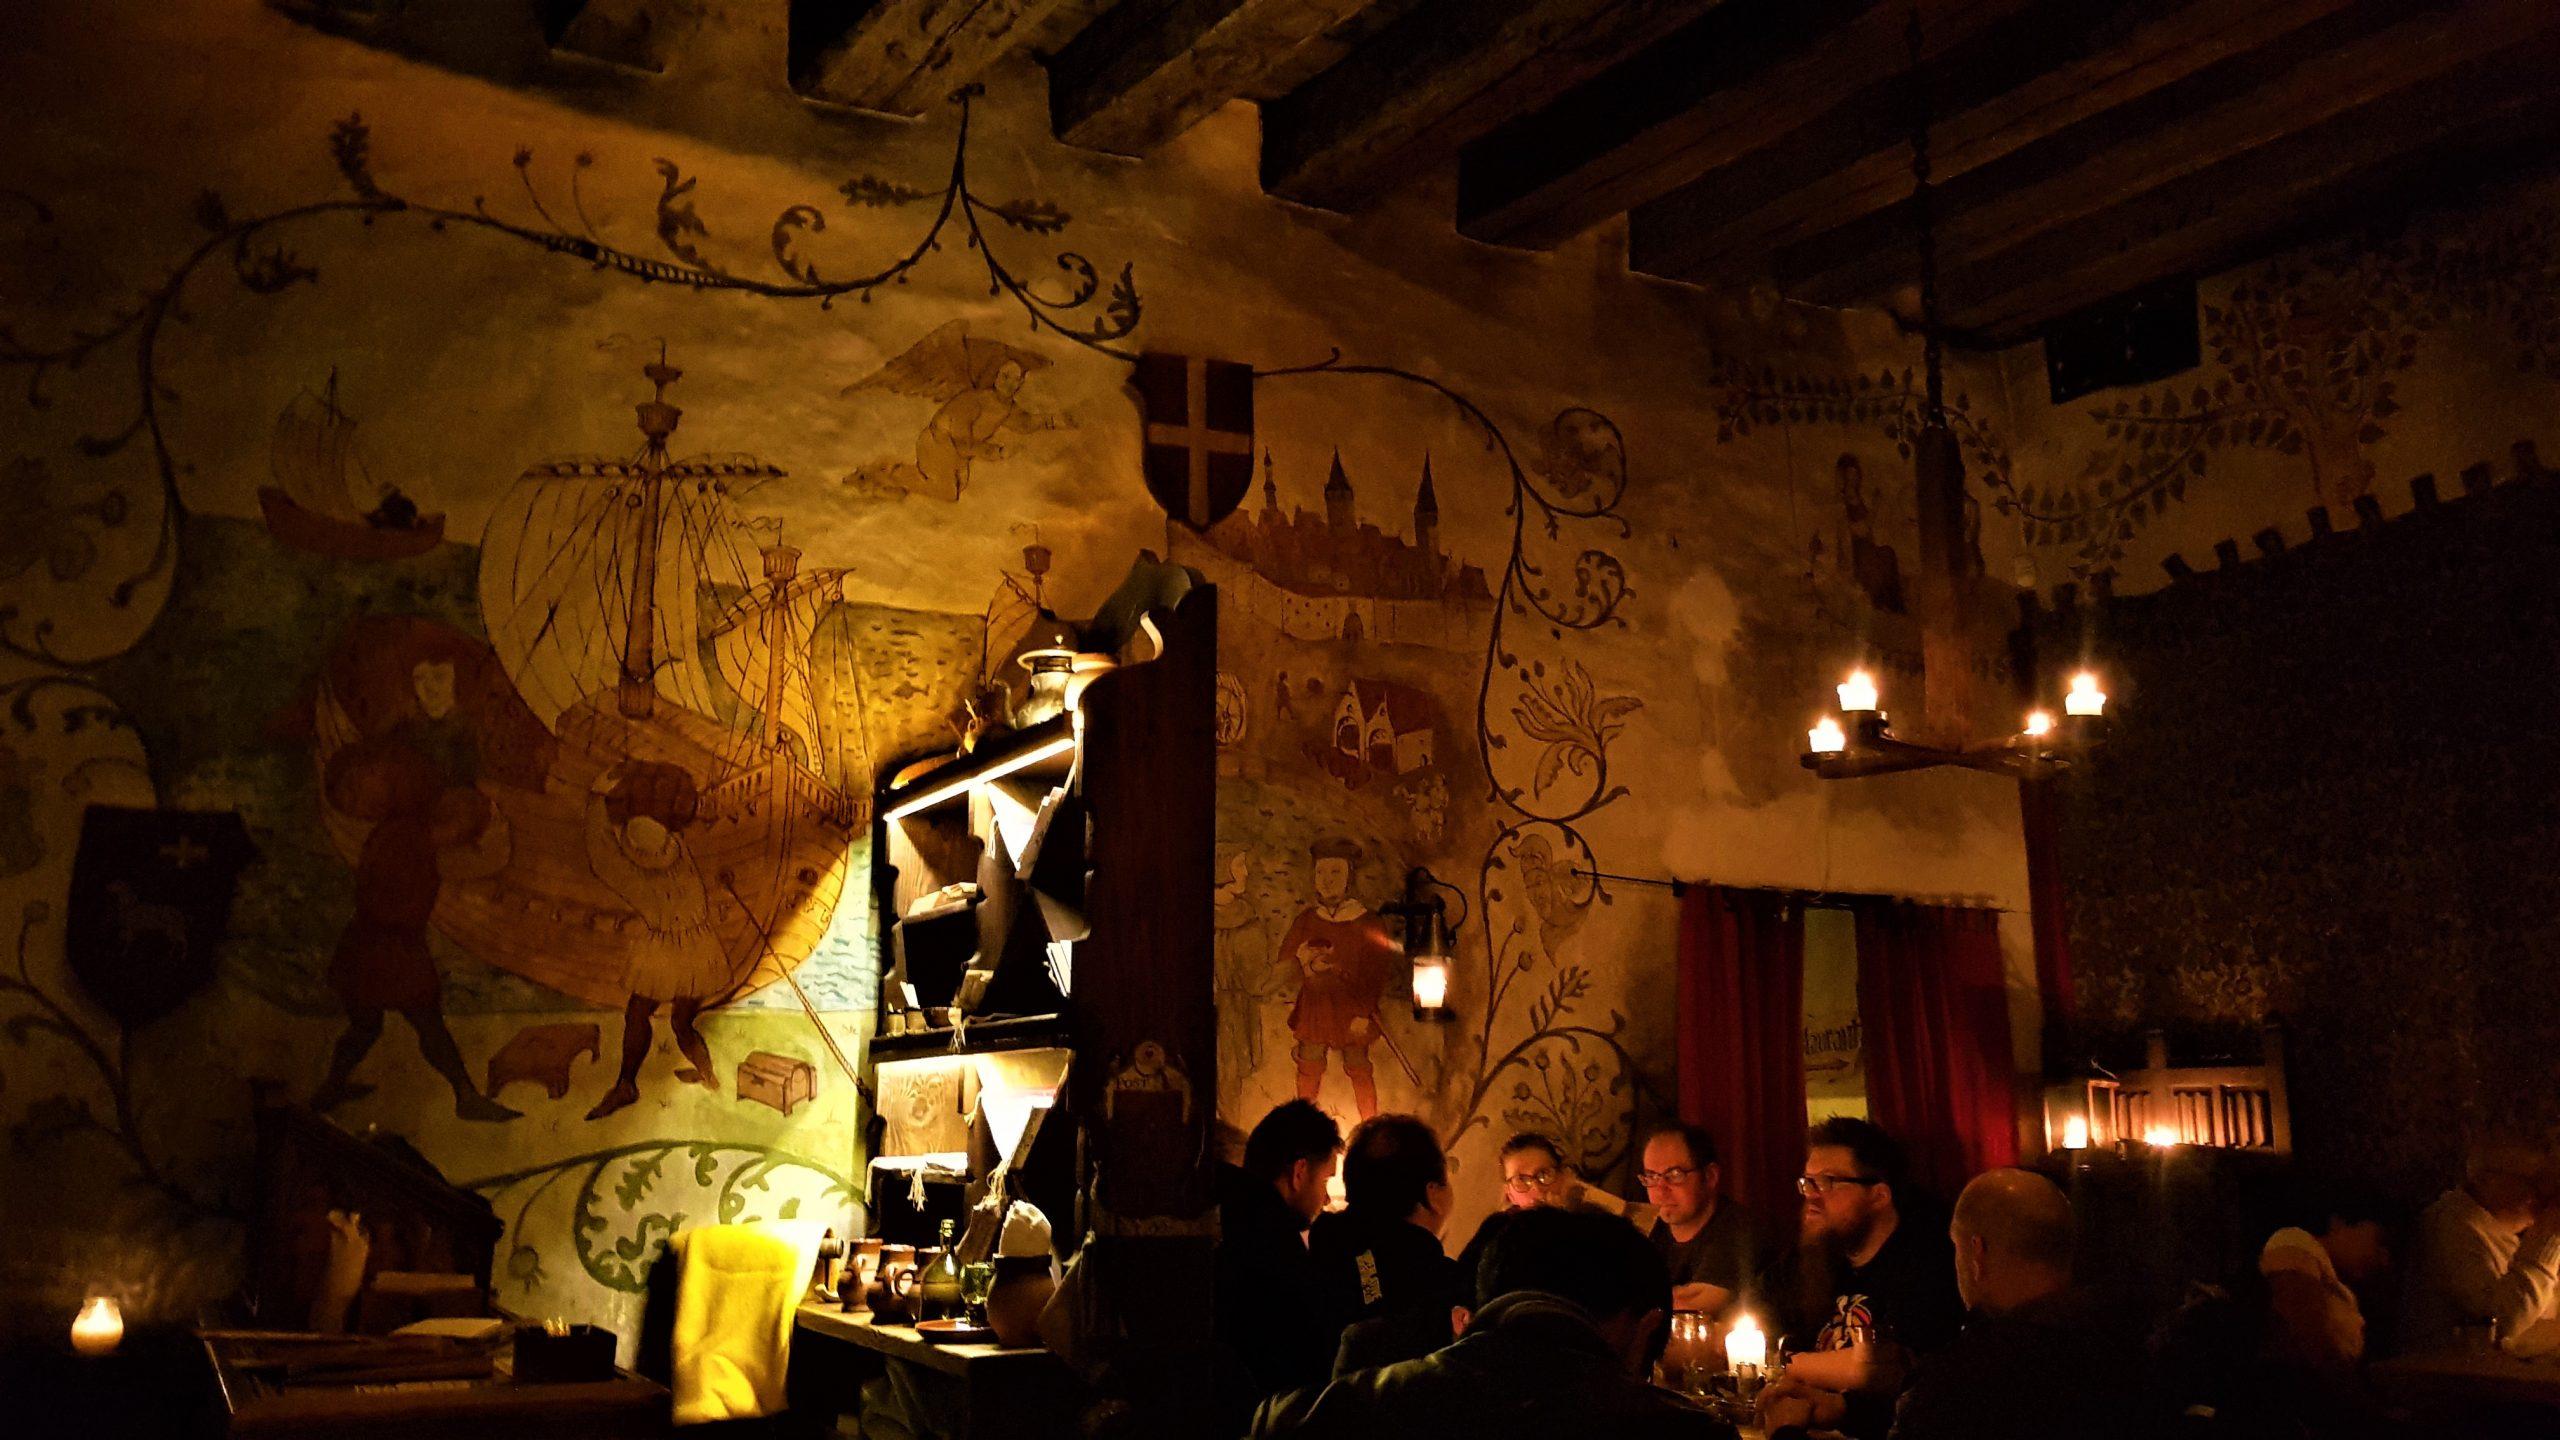 Interior del olde hansa con las gente cenando en las mesas.